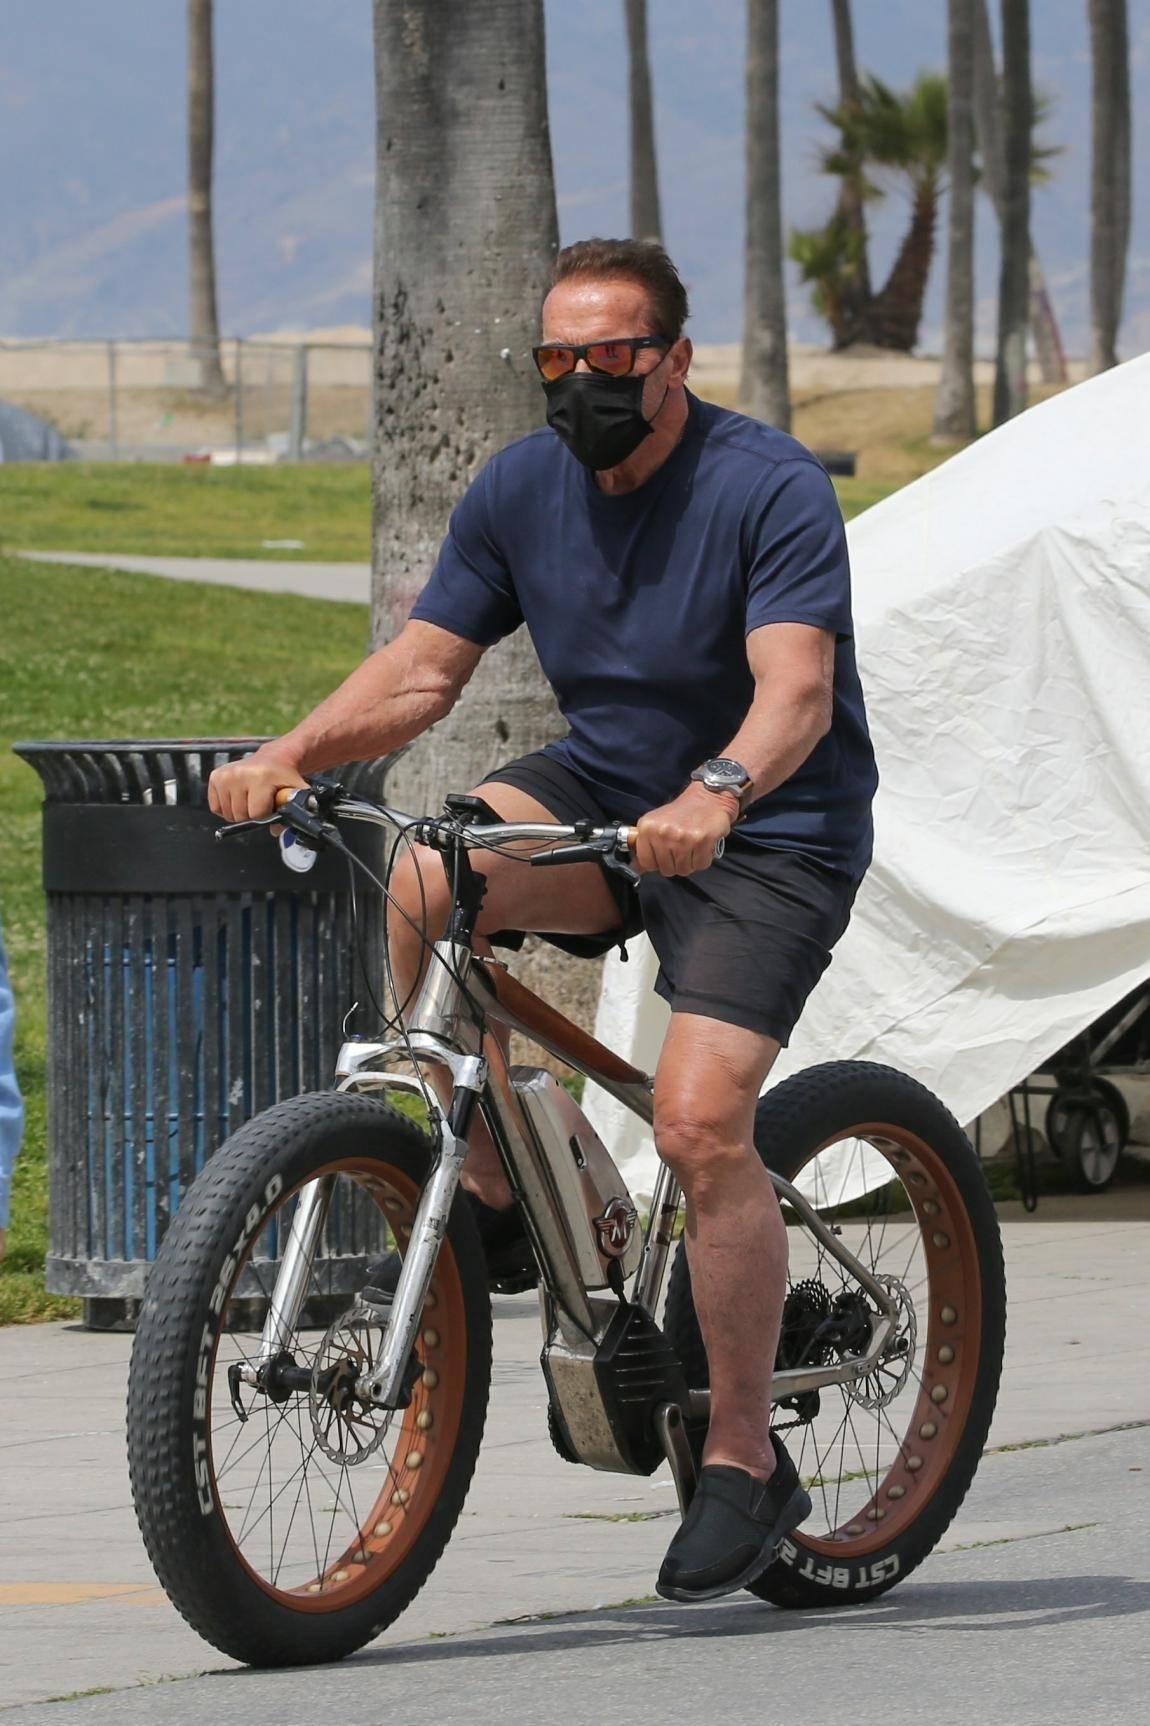 74岁施瓦辛格出门骑车,胸肌依旧硬核,网友:终结者抢自行车来了